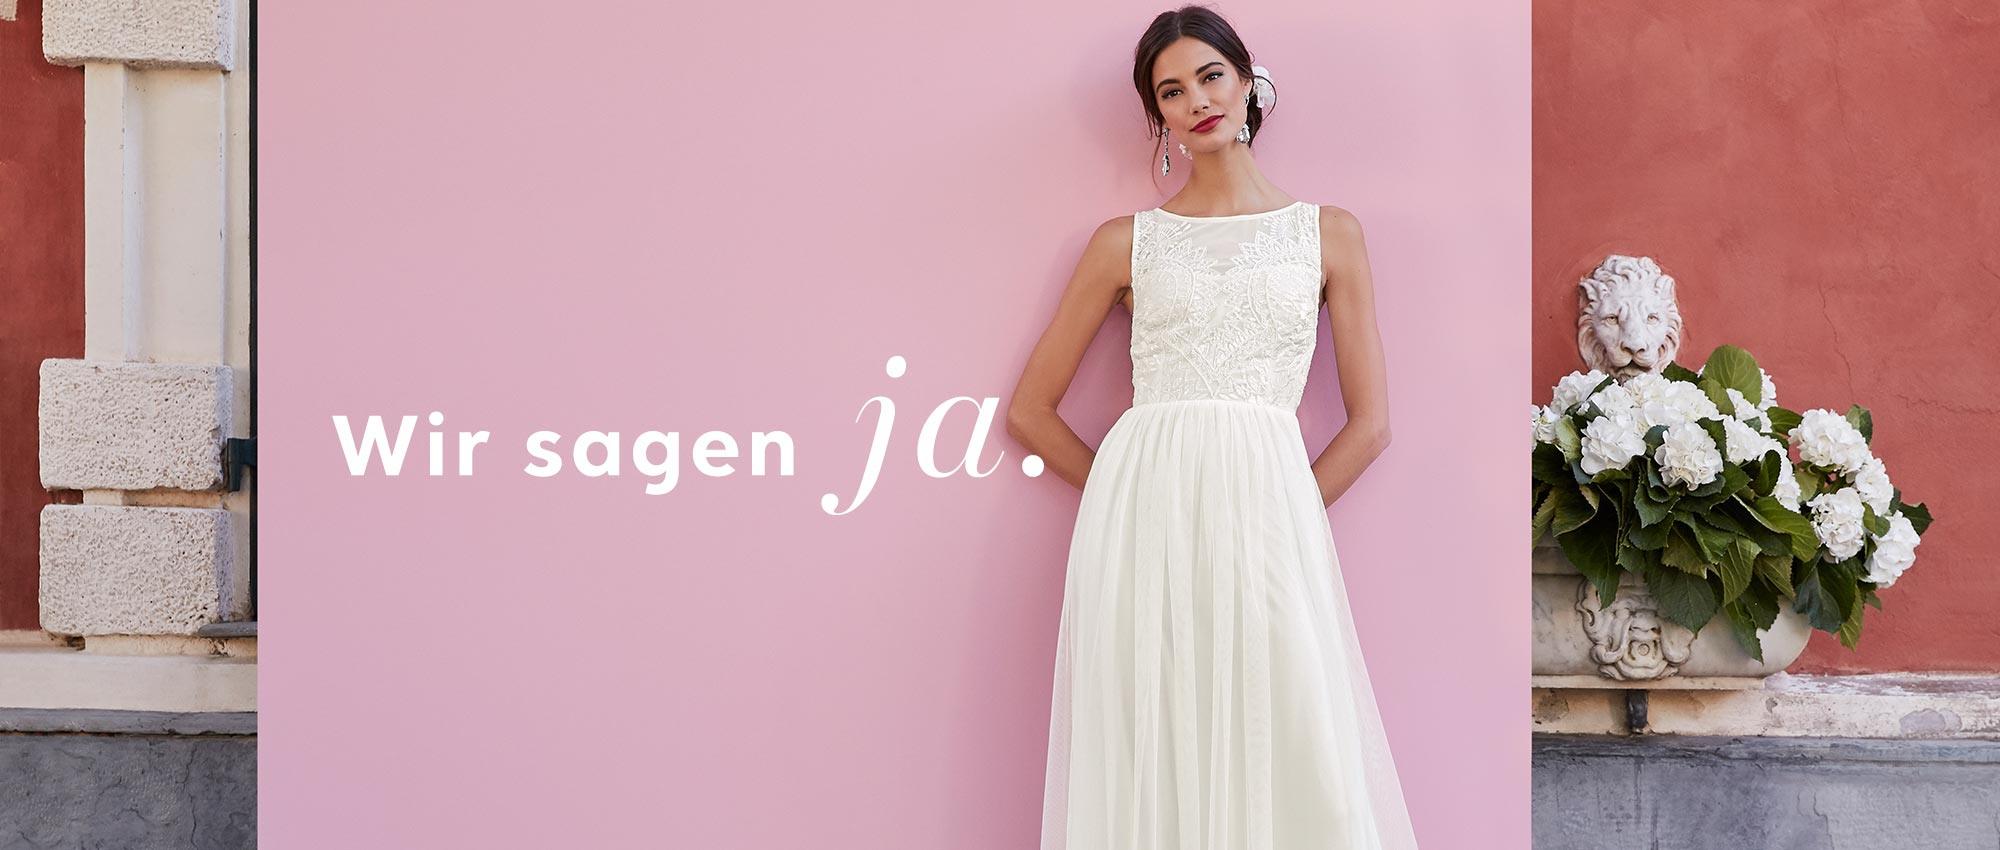 Ja, Wir Wollen! Kleider Für Die Braut Und Die Gäste